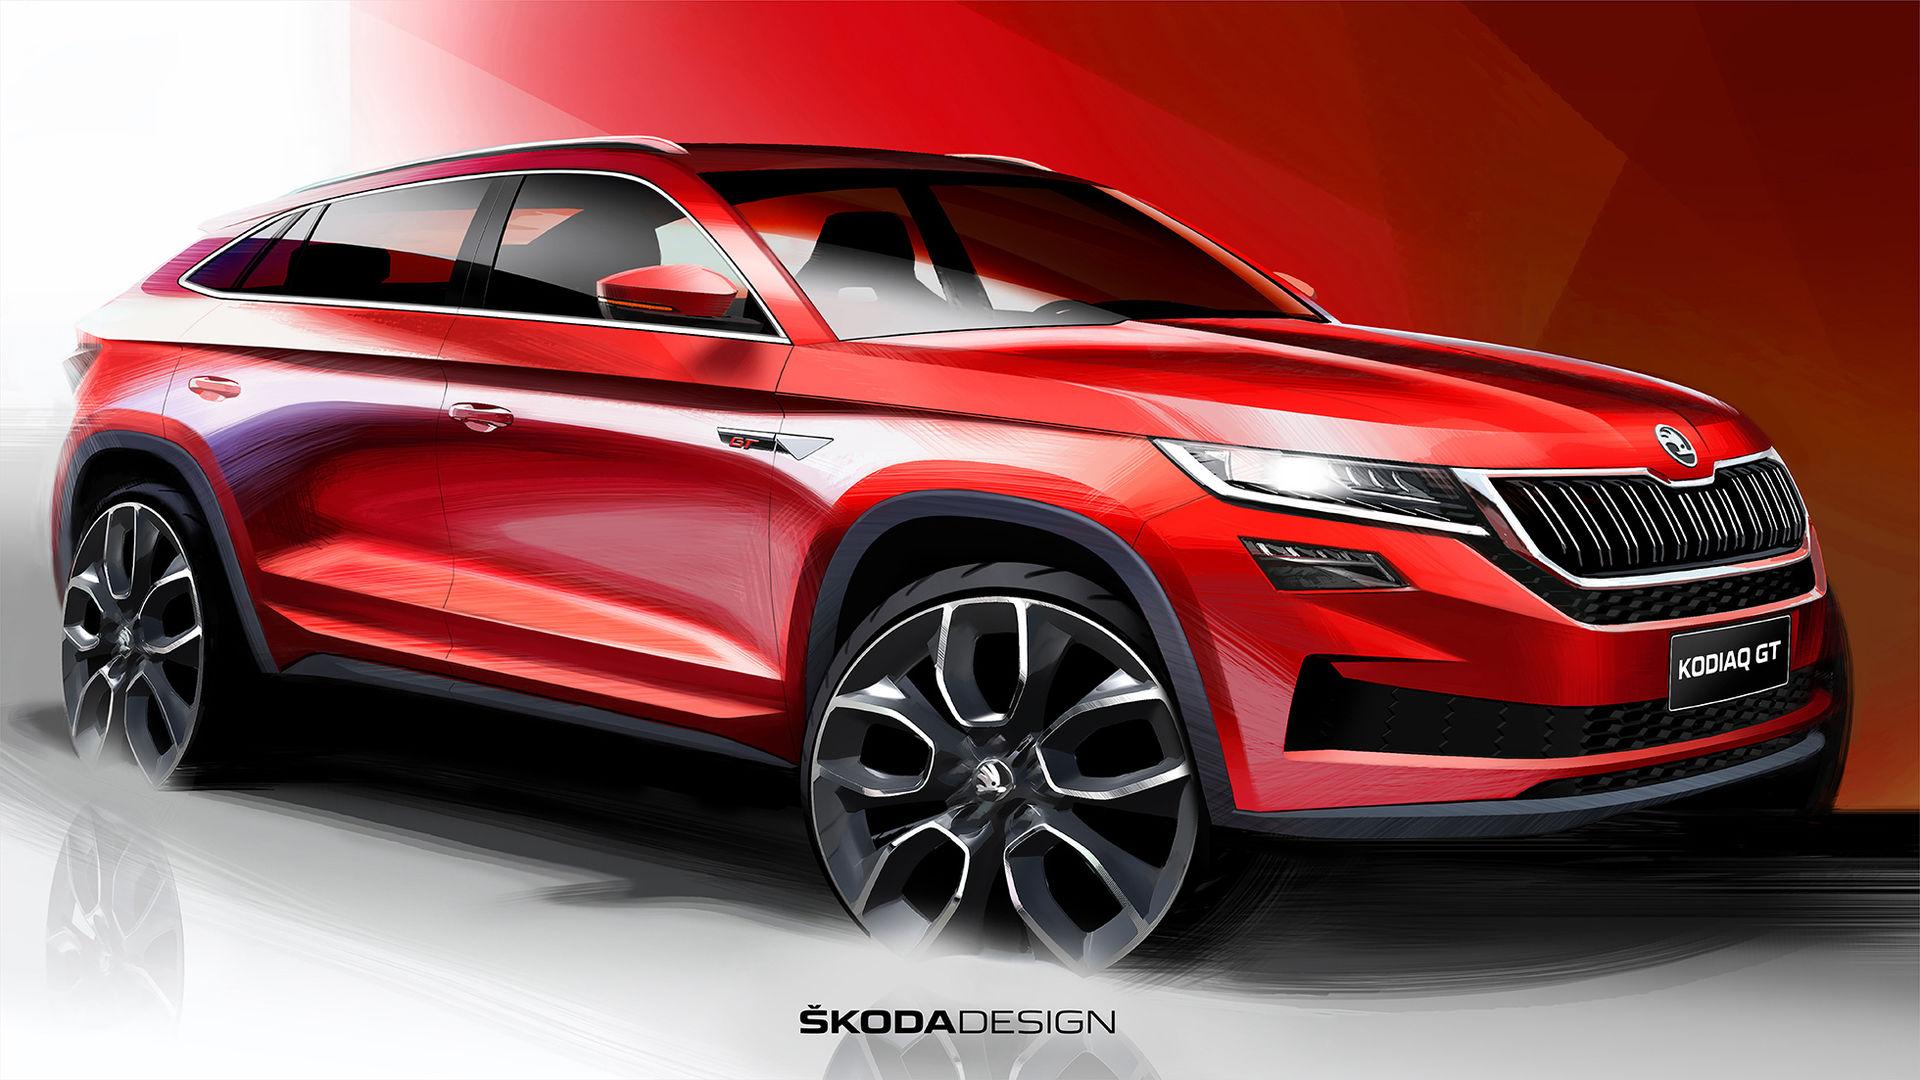 Så här ser coupéversionen av Skoda Kodiaq ut